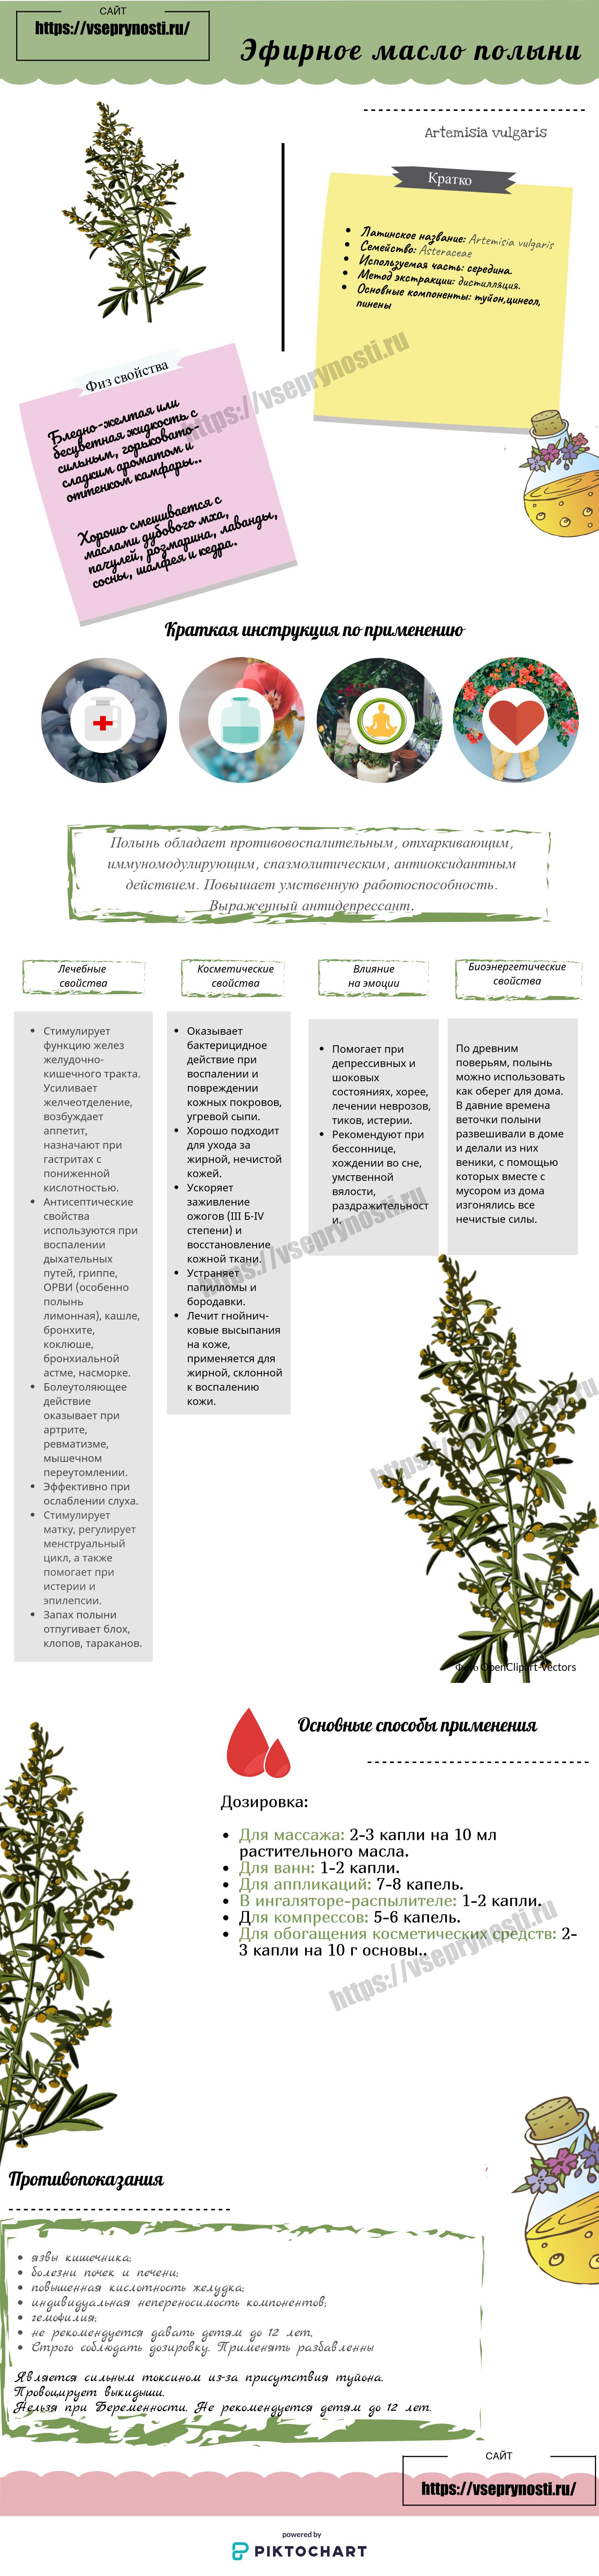 Полынь: польза и вред растения для человека   food and health